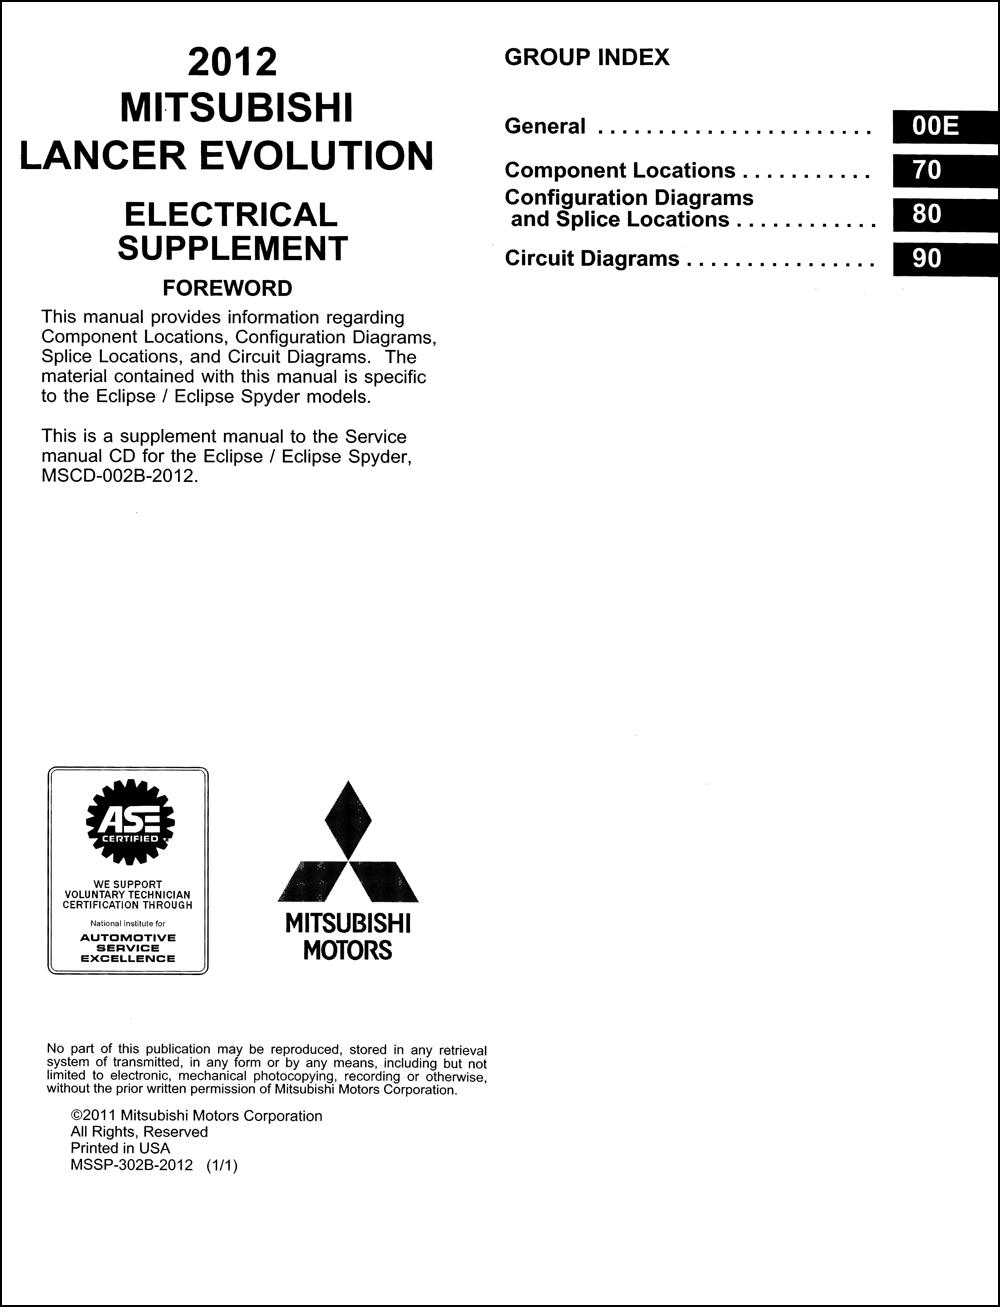 2005 Mitsubishi Lancer Evolution Wiring Diagram Original